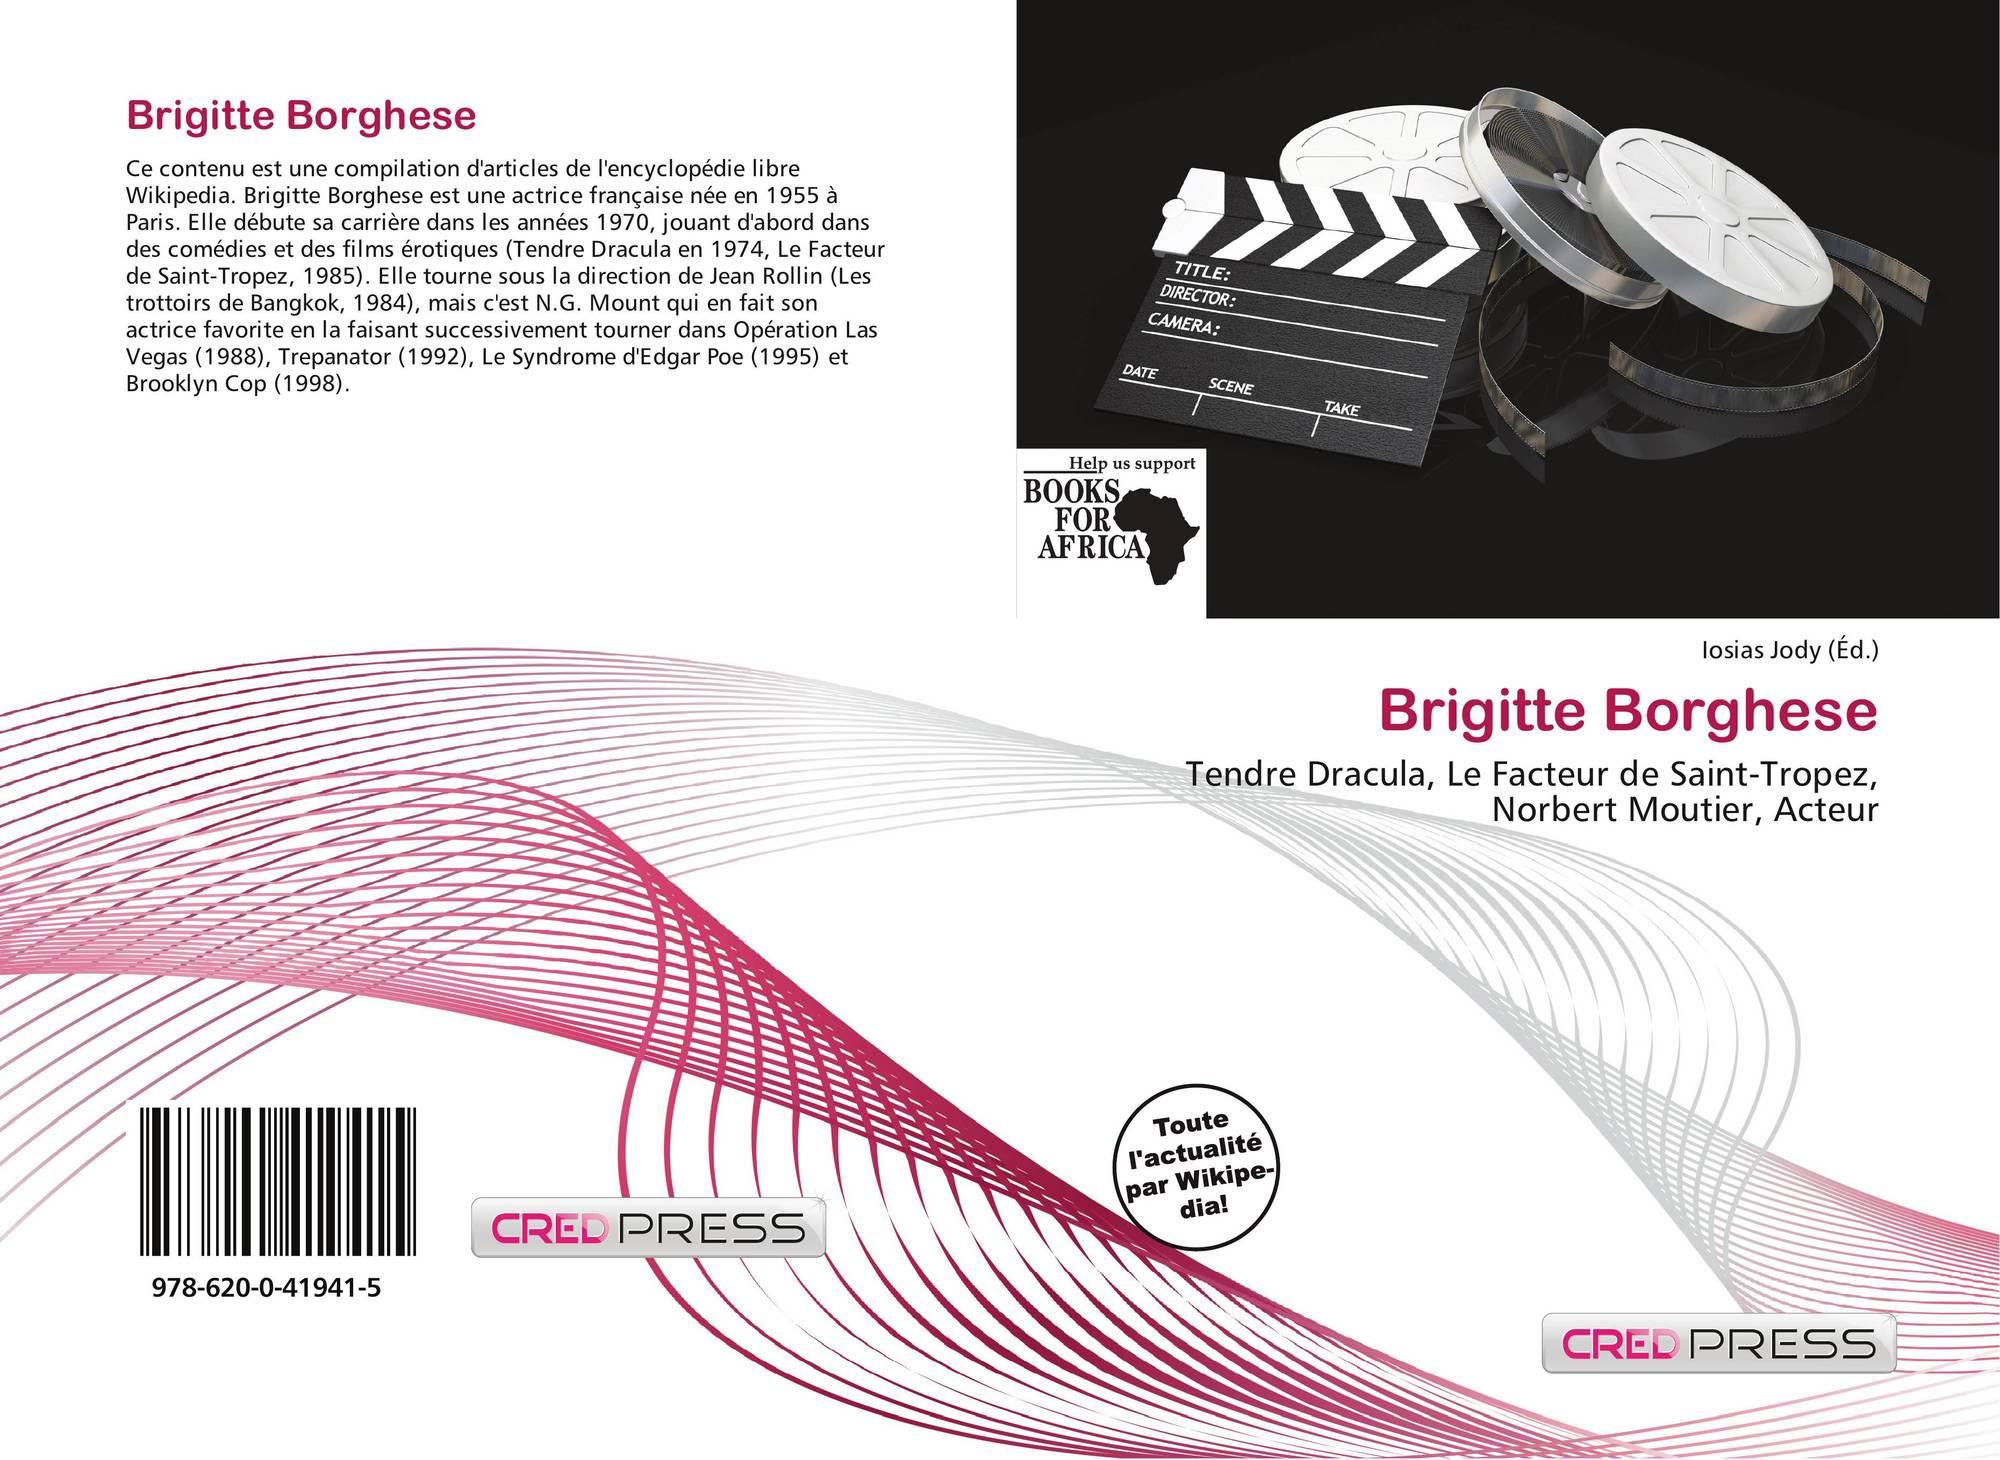 Brigitte De Borghese Nude Photos 28